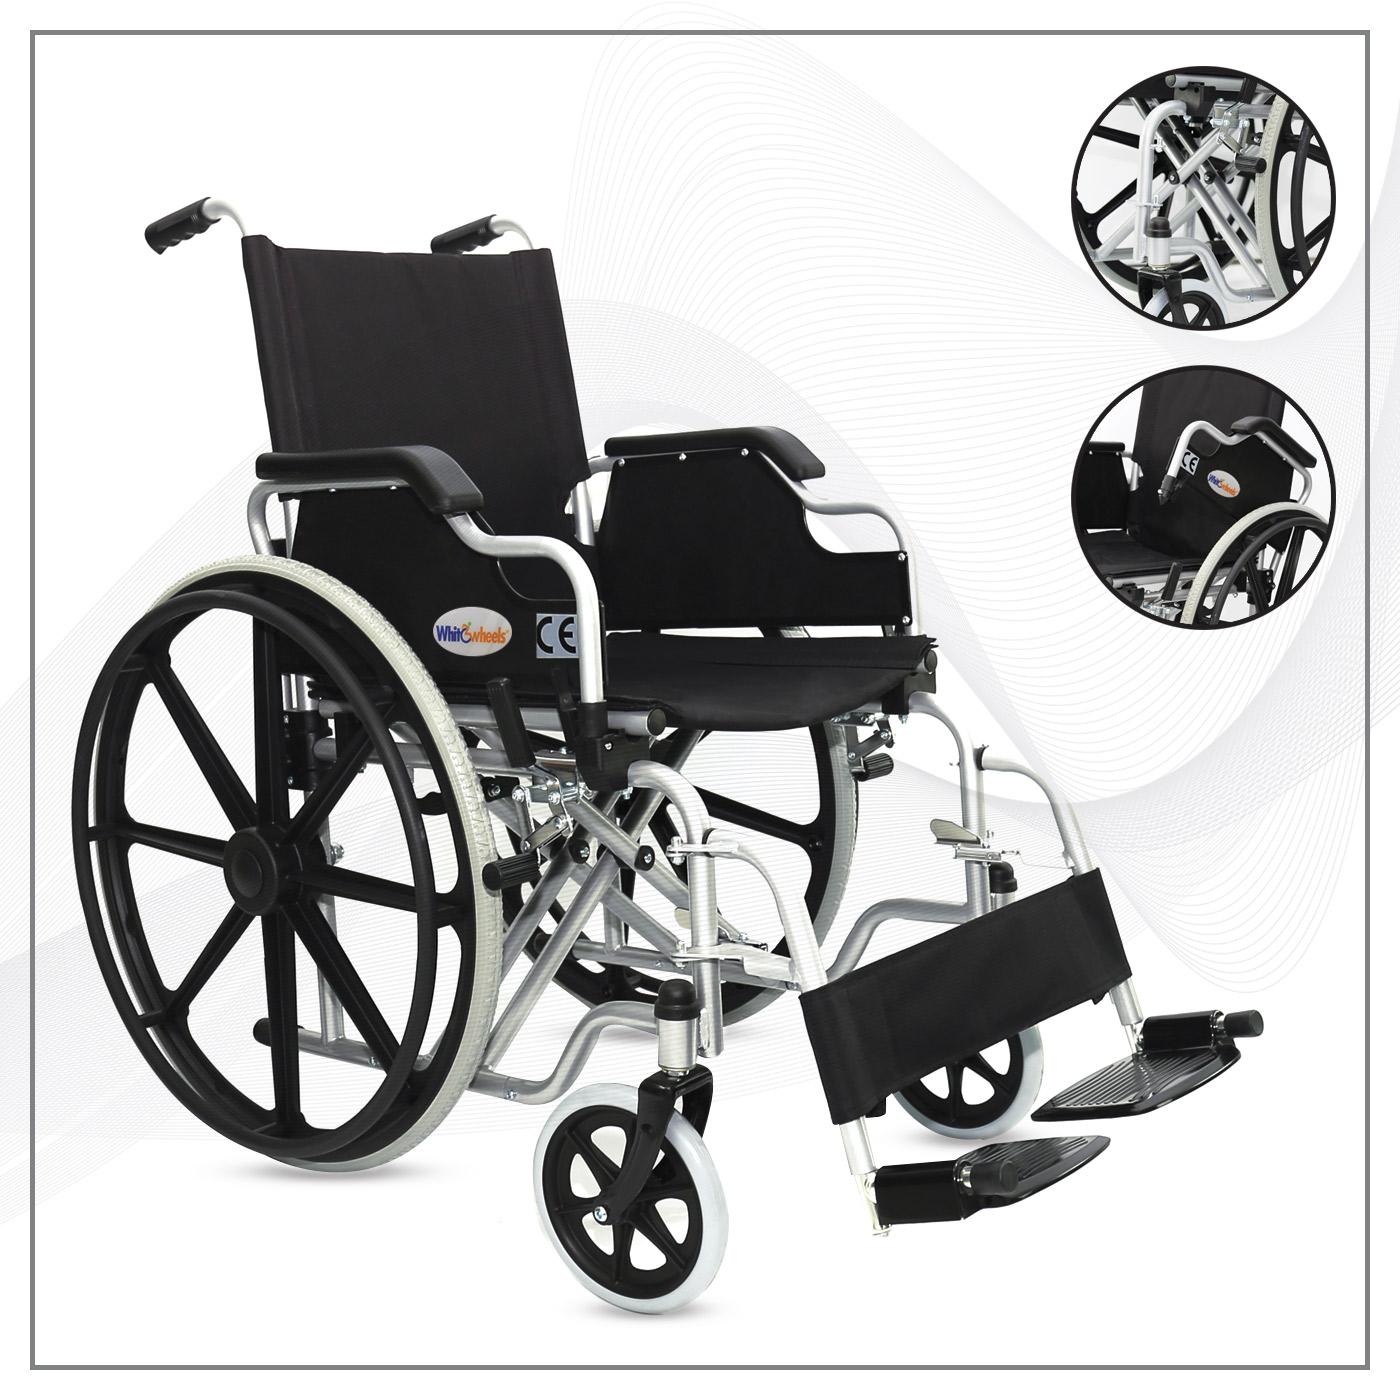 bc Tıp Sağlık Tekerlekli Sandalye ve Oturaklar AL 08-04 A BD